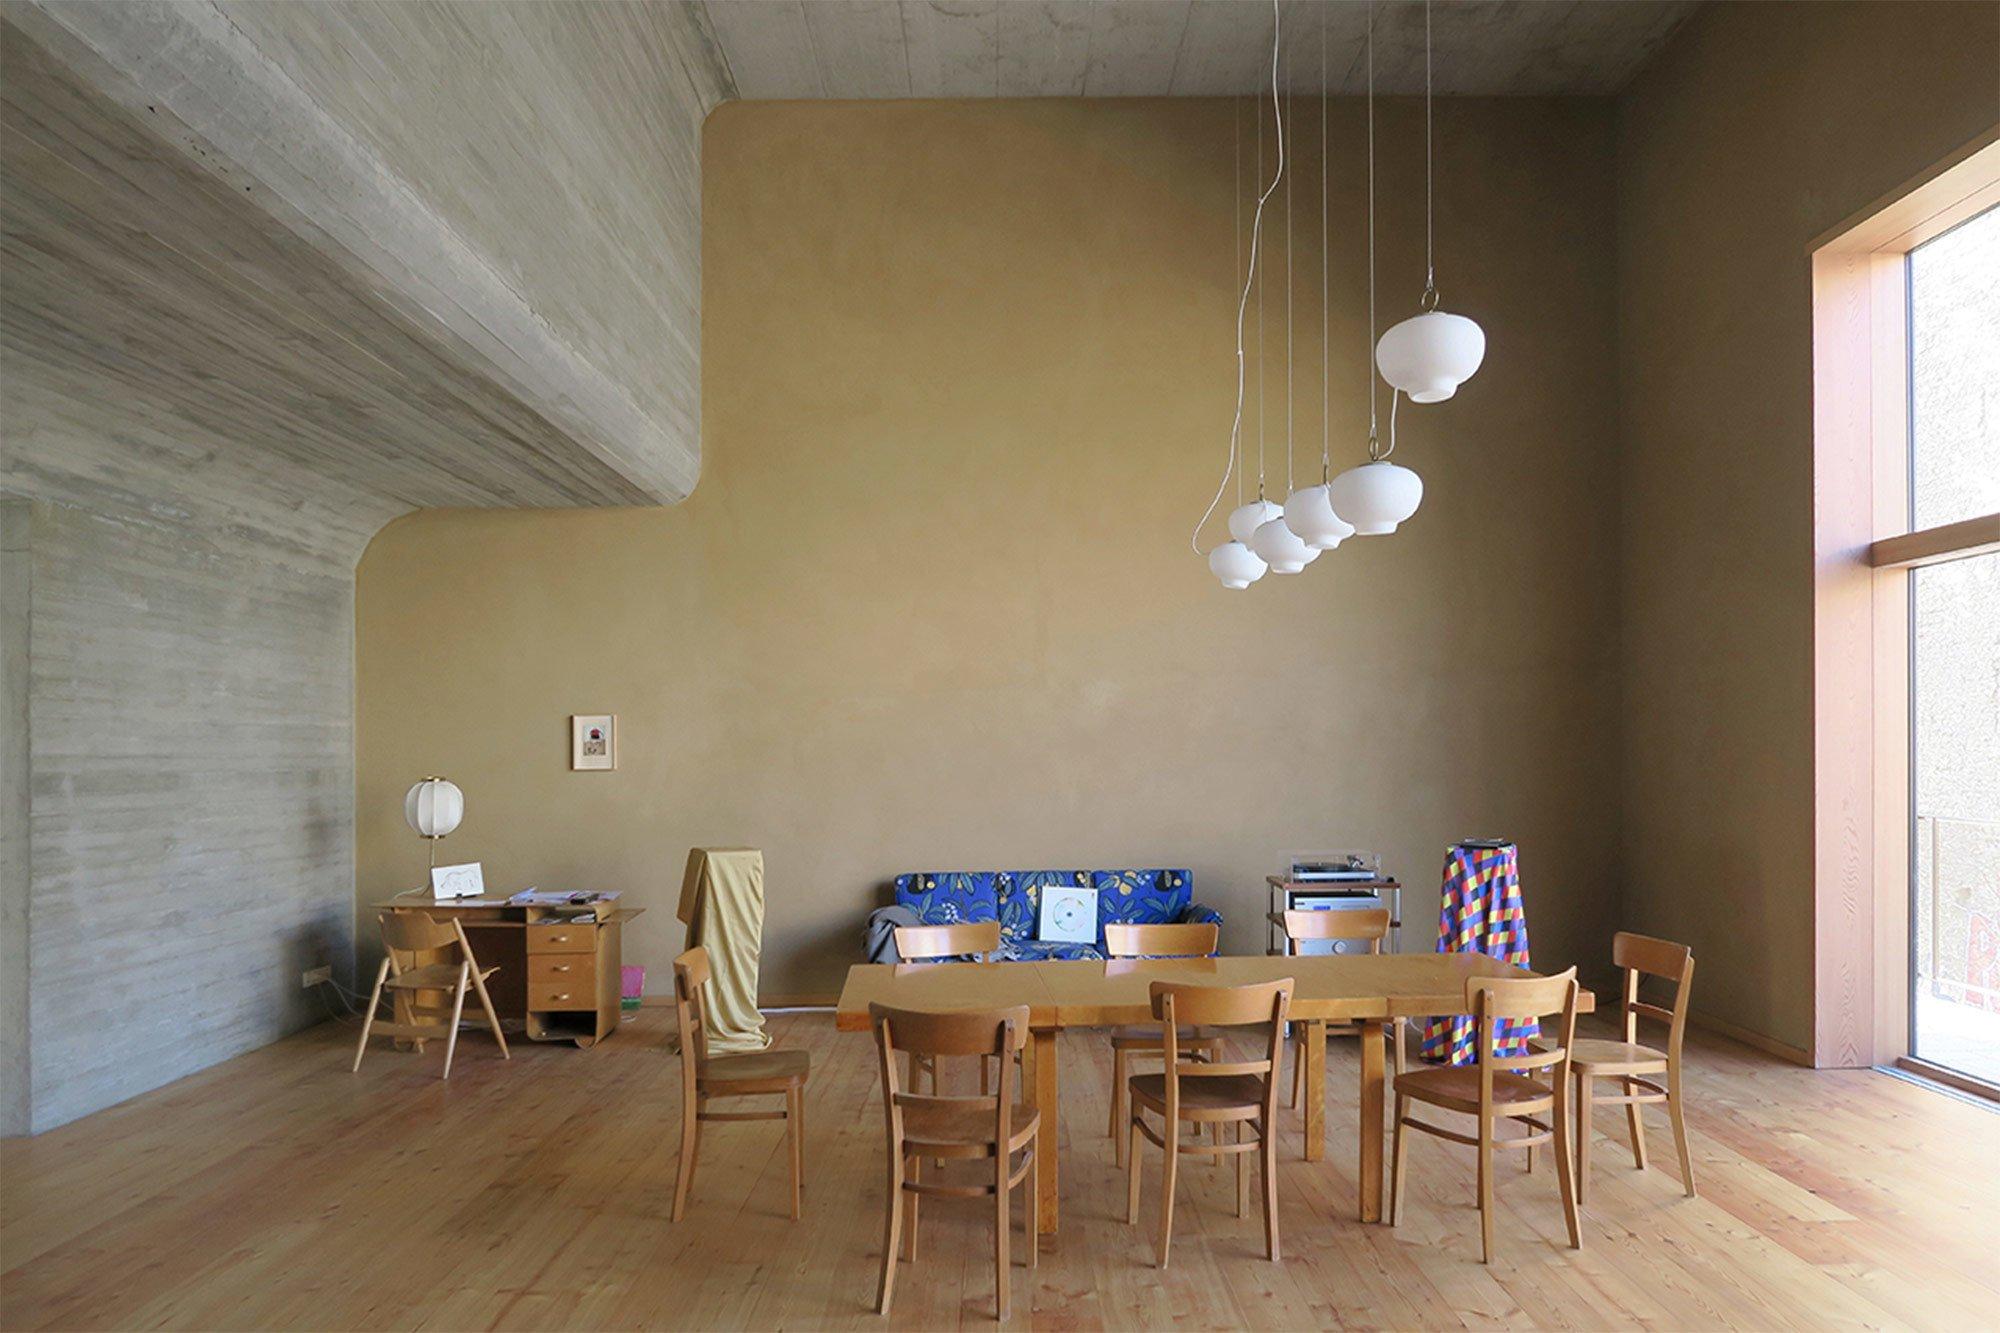 Künstlerhaus O12 ist ein gelungener Hybrid aus Architektur und Skulptur.